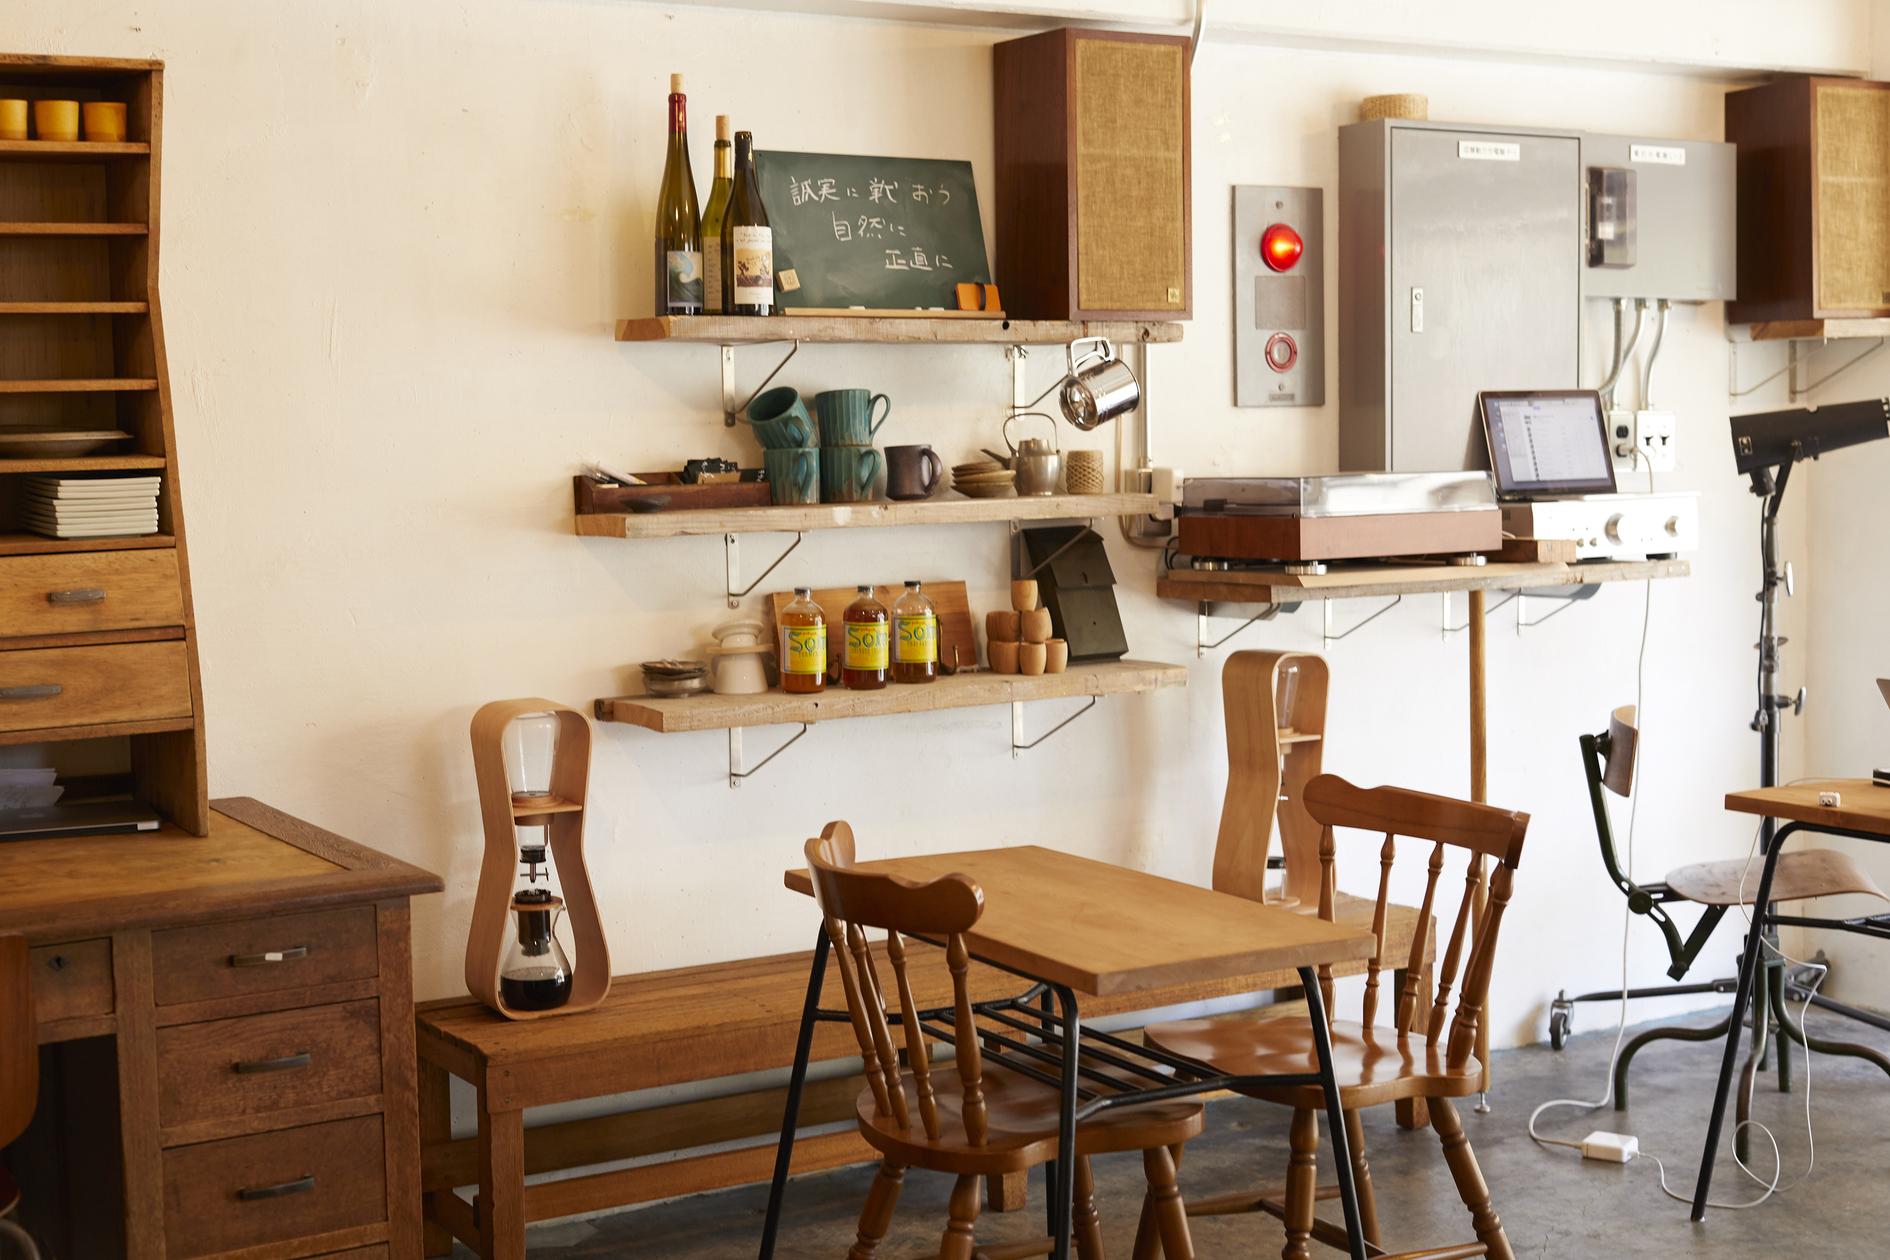 おしゃれなカフェスペース。夜の飲食店、会議や勉強会など。(おしゃれなカフェスペース。夜の飲食店、会議や勉強会など。) の写真0